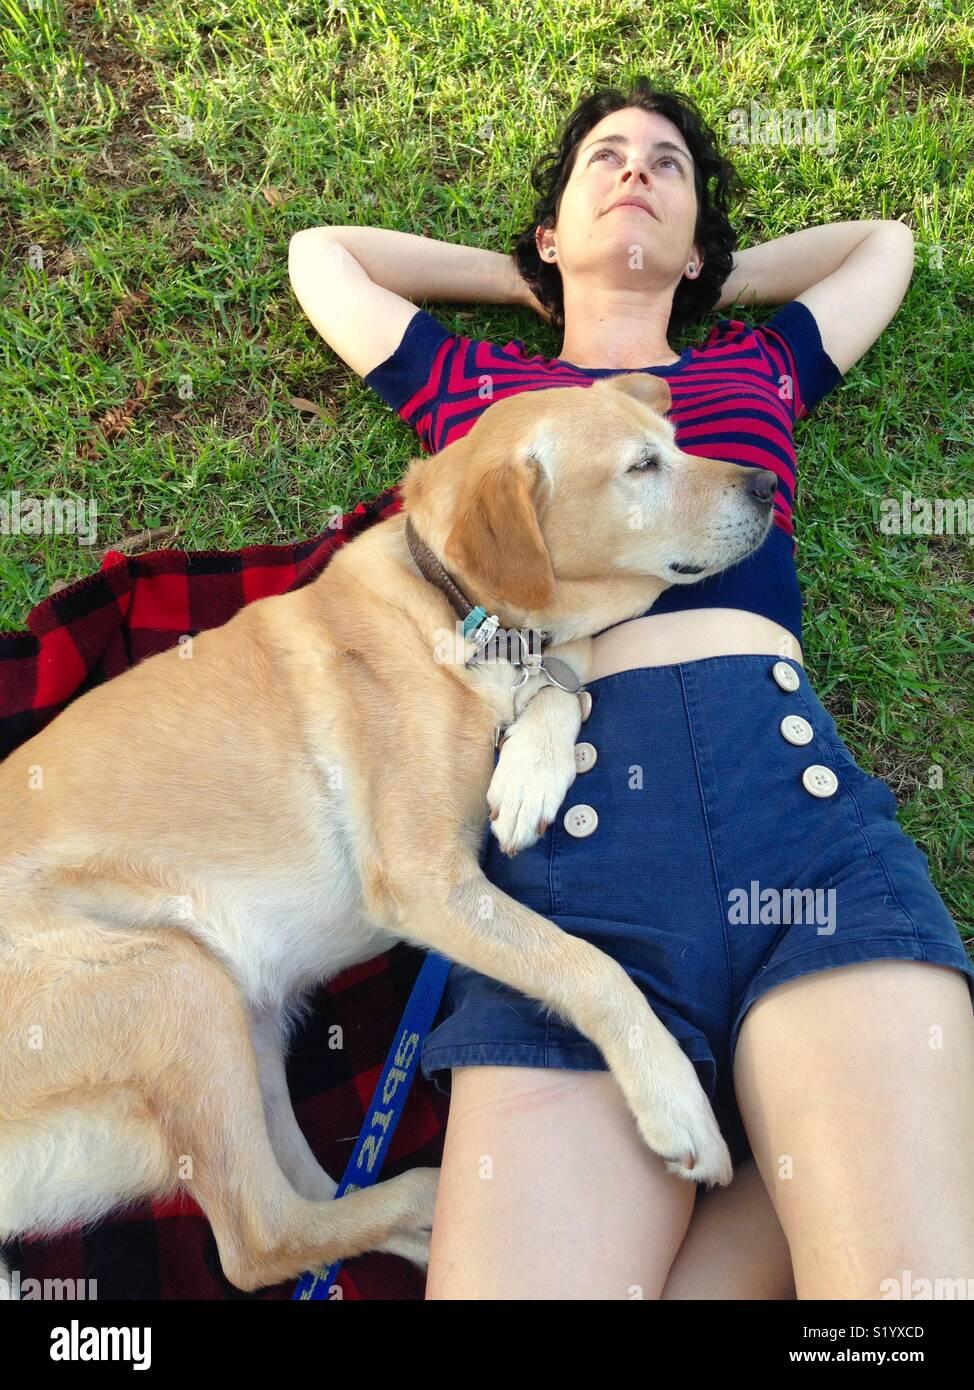 Frau und ihrem Labrador Retriever auf ihr lag auf einer Picknick-Decke in einem Park Stockbild